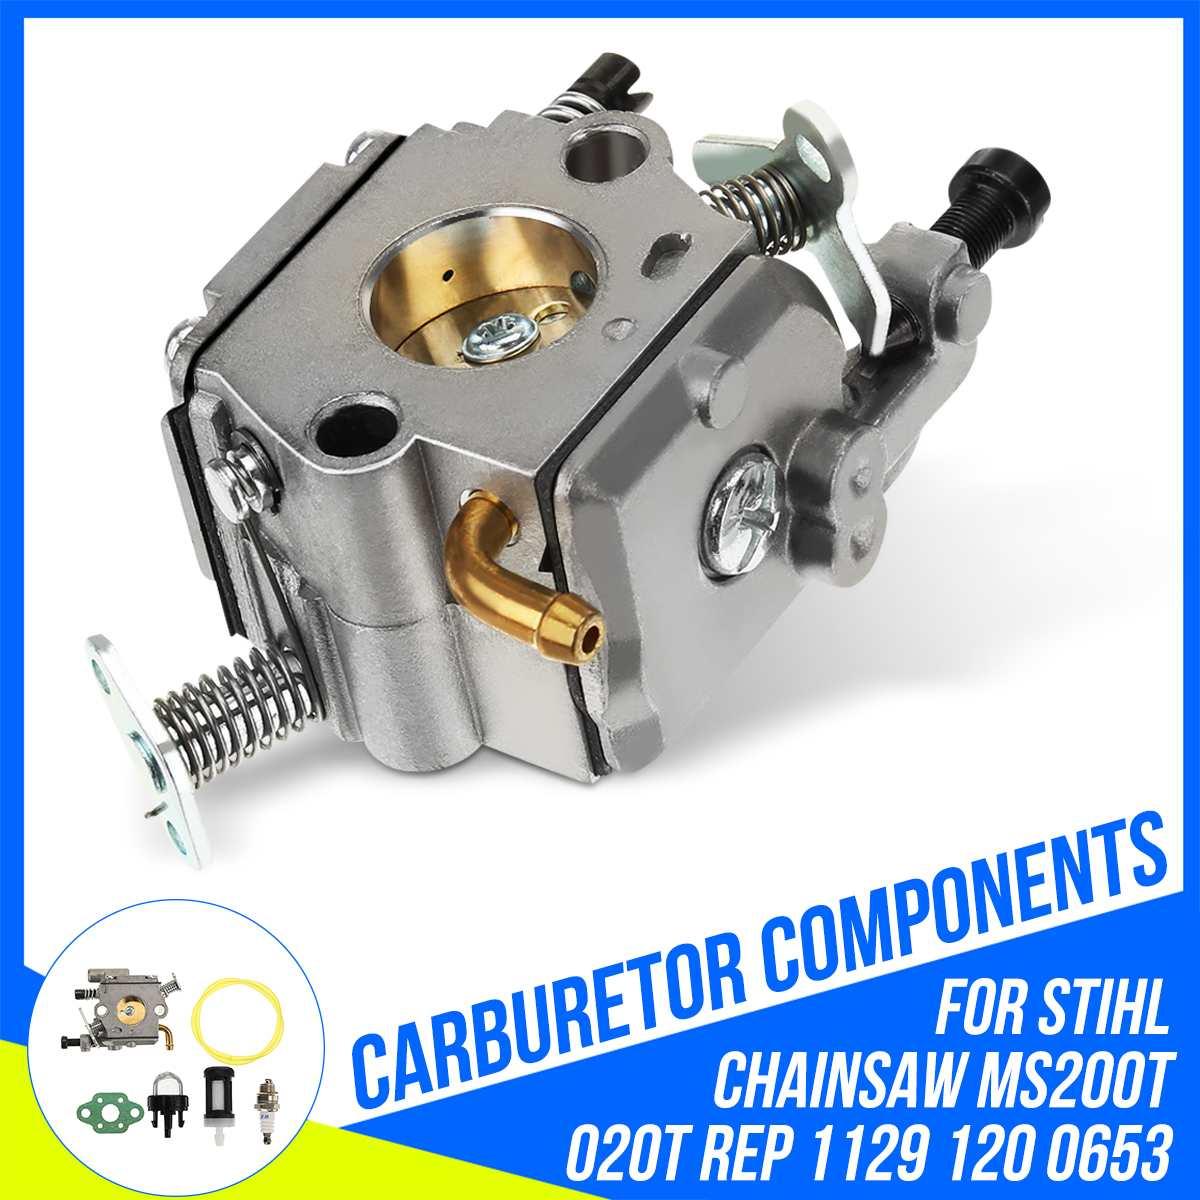 Carburador de carburador para Stihl MS200 MS200T 020T, motosierra ZAMA C1Q-S126B 11291200653, sistema de suministro de combustible, repuestos de carburadores